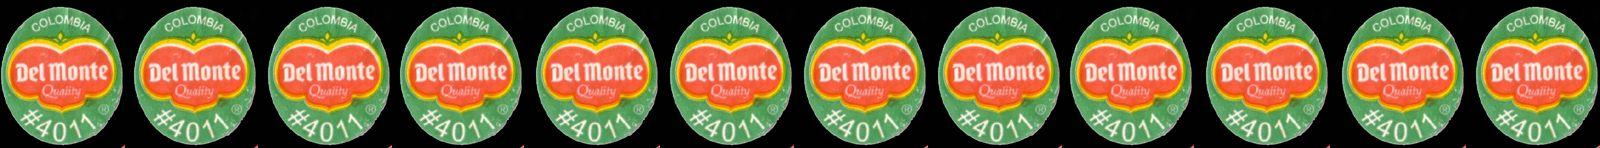 Etiquette_DelMonte